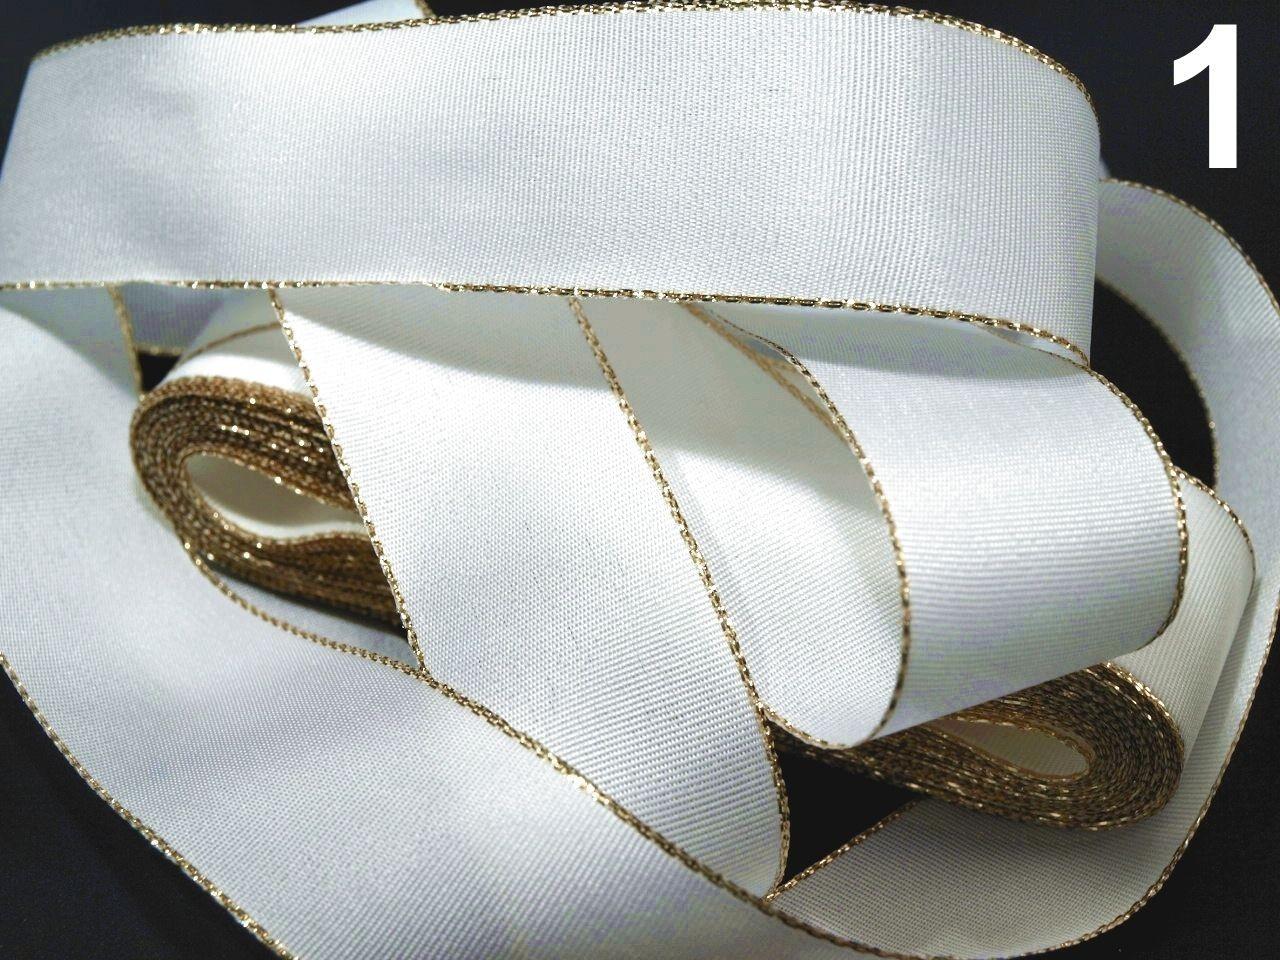 Stuha taftová šíře 25mm ČESKÝ VÝROBEK s lurexem 10m - 8 Kč / m 100 bílá zlatá